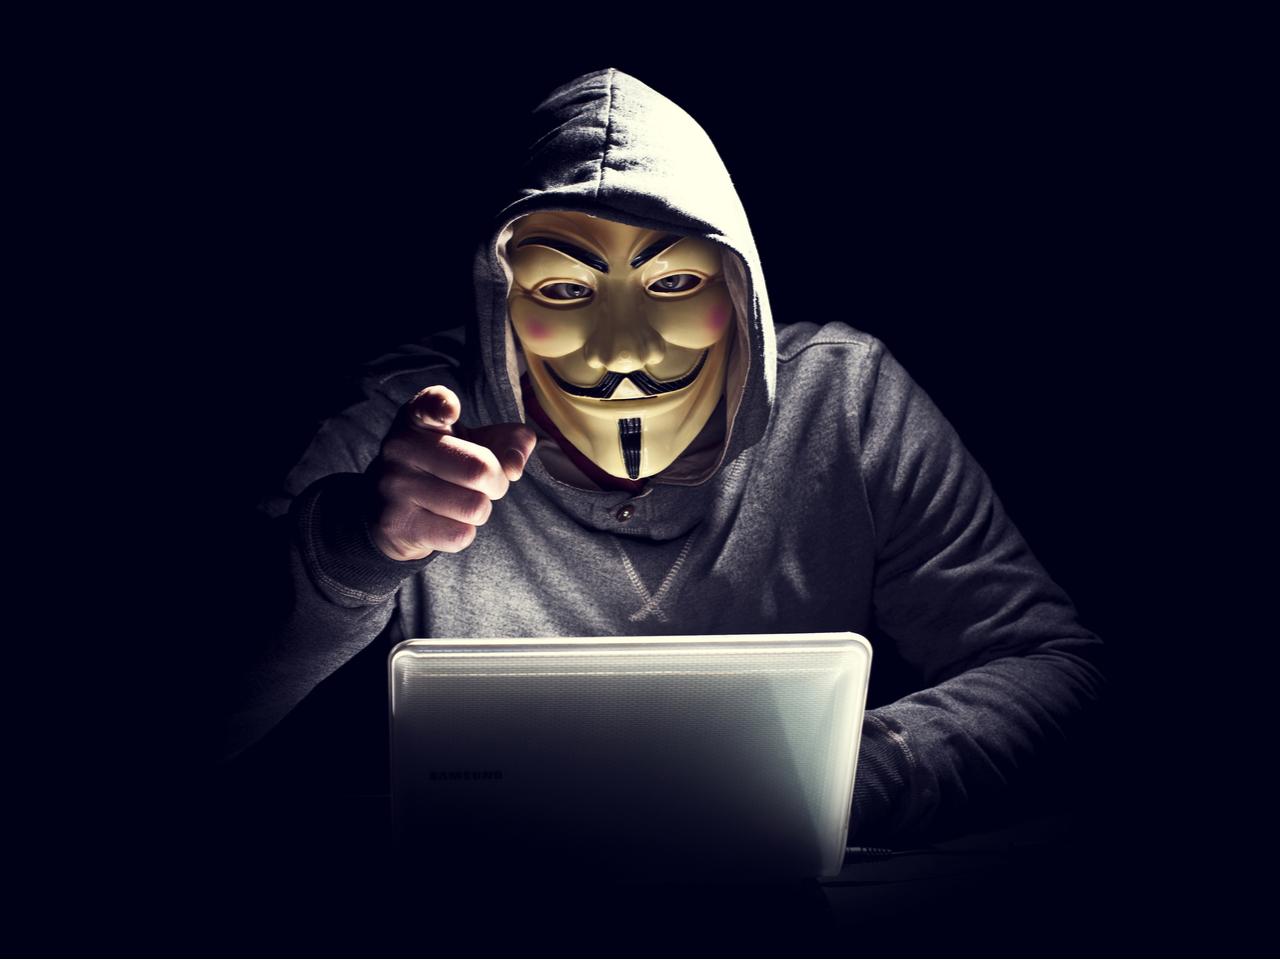 argent facile rapide hacks